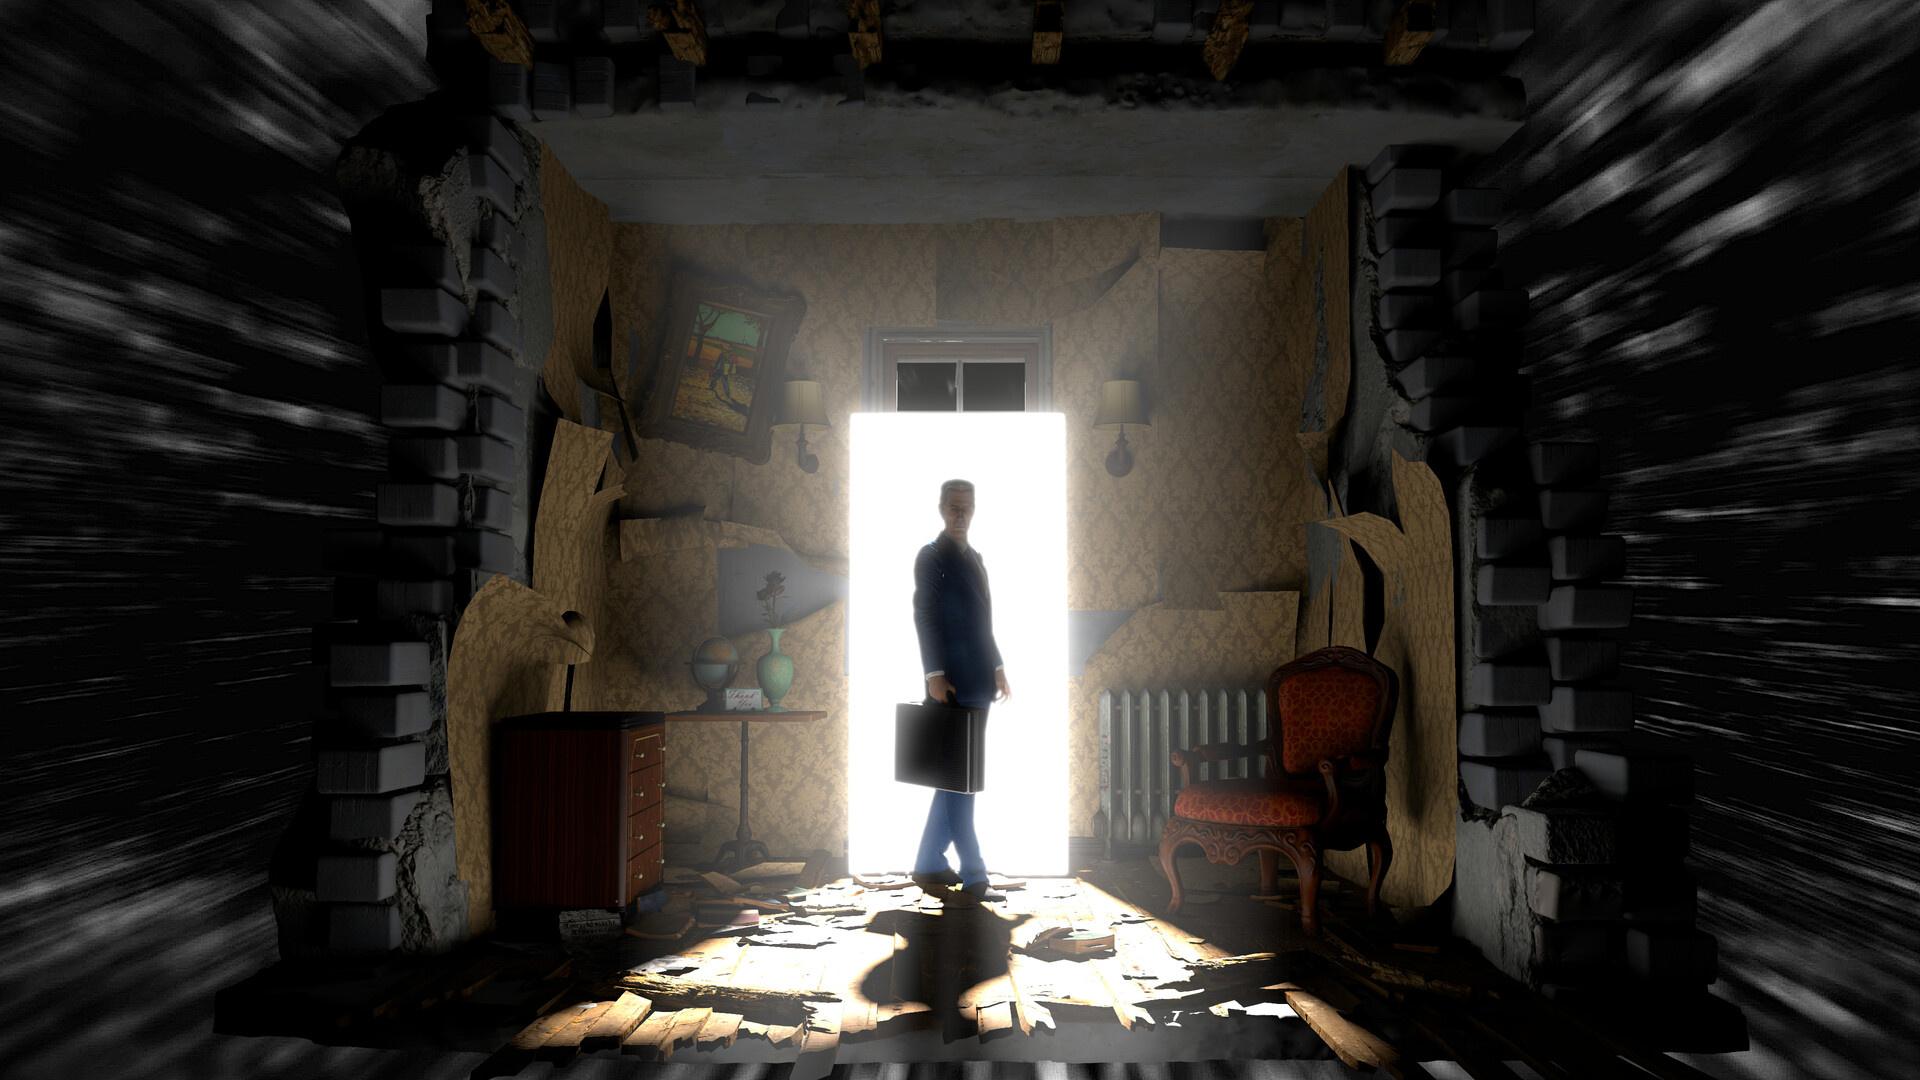 Над какими8 играми работала Valve, прежде чем выпустить Half-Life: Alyx?